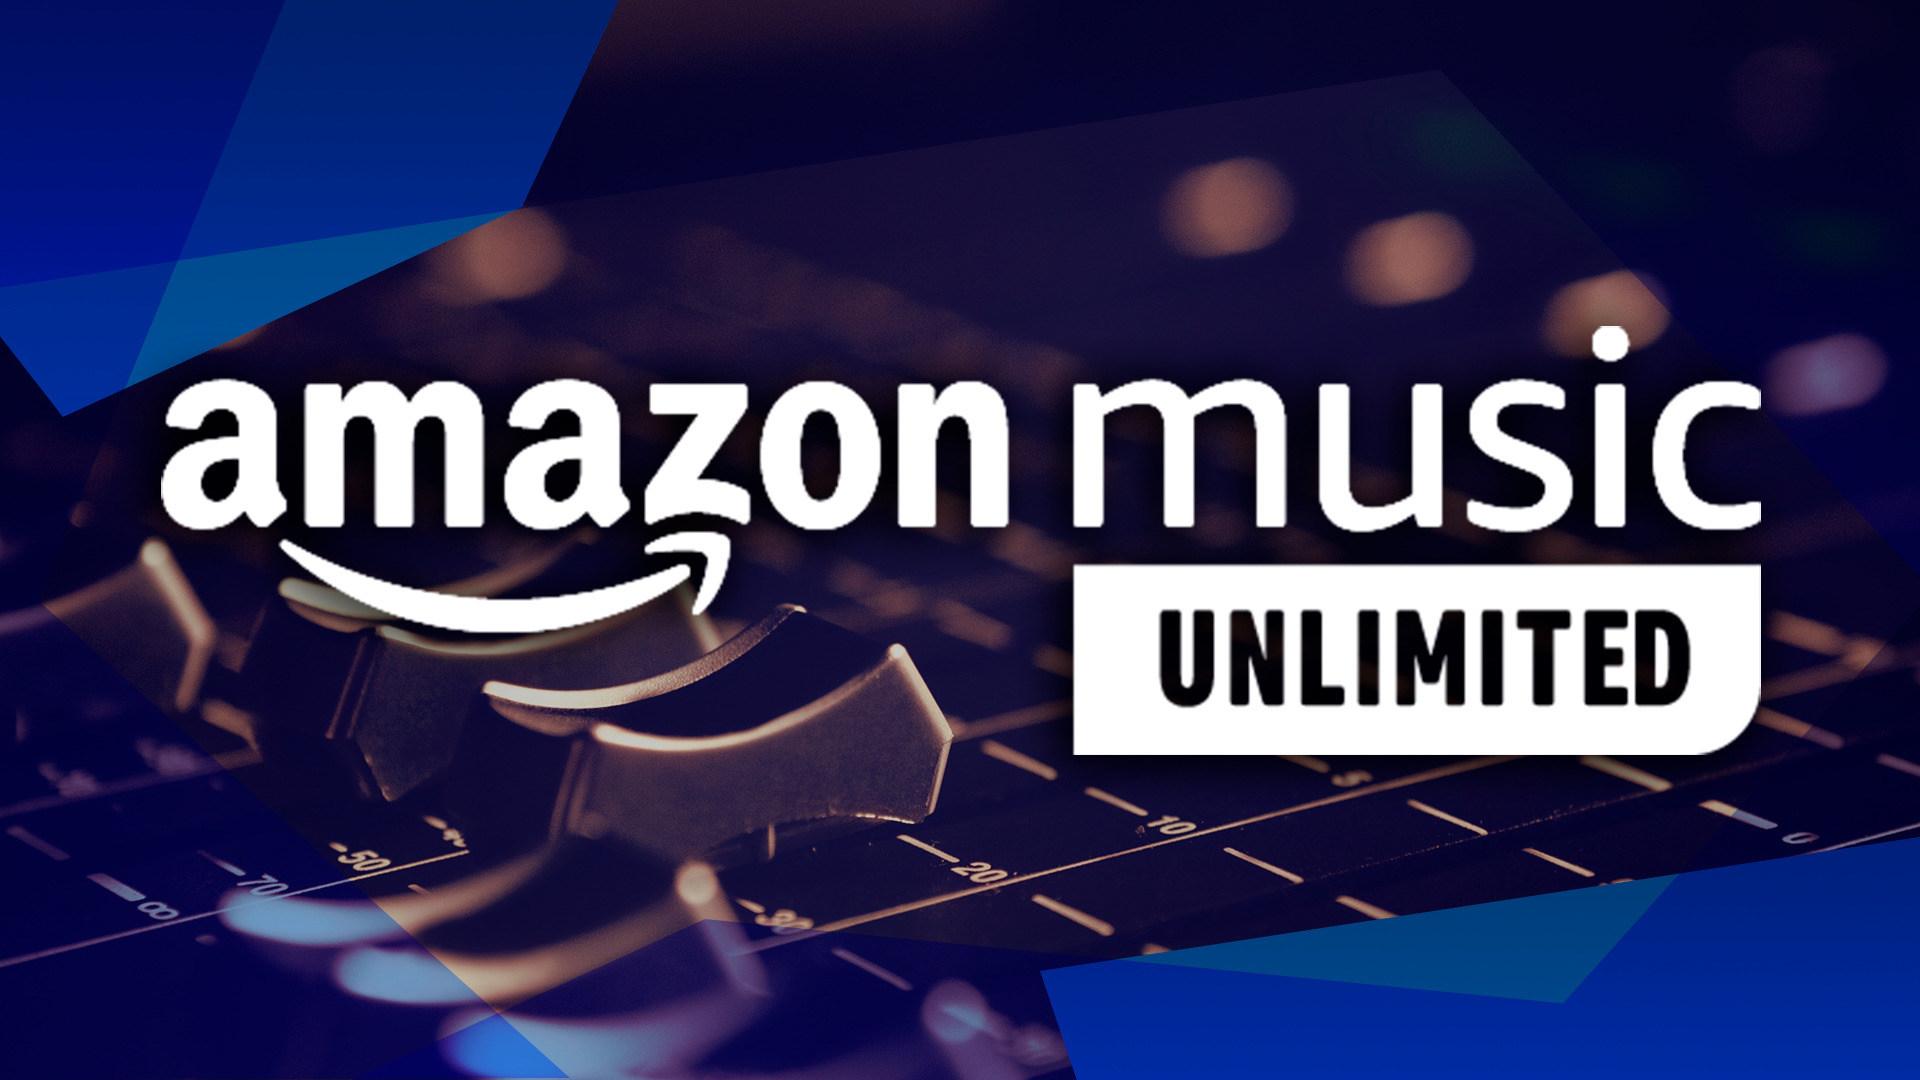 Streaming, Amazon, Logo, Musik, Amazon Prime, Musik-Streaming, musikstreaming, Flatrate, Musikdienst, Prime, Amazon Music, Amazon Music Unlimited, Flat, Prime Music, Musik-Plattform, Music Unlimited, Musik Unlimited, Musikflat